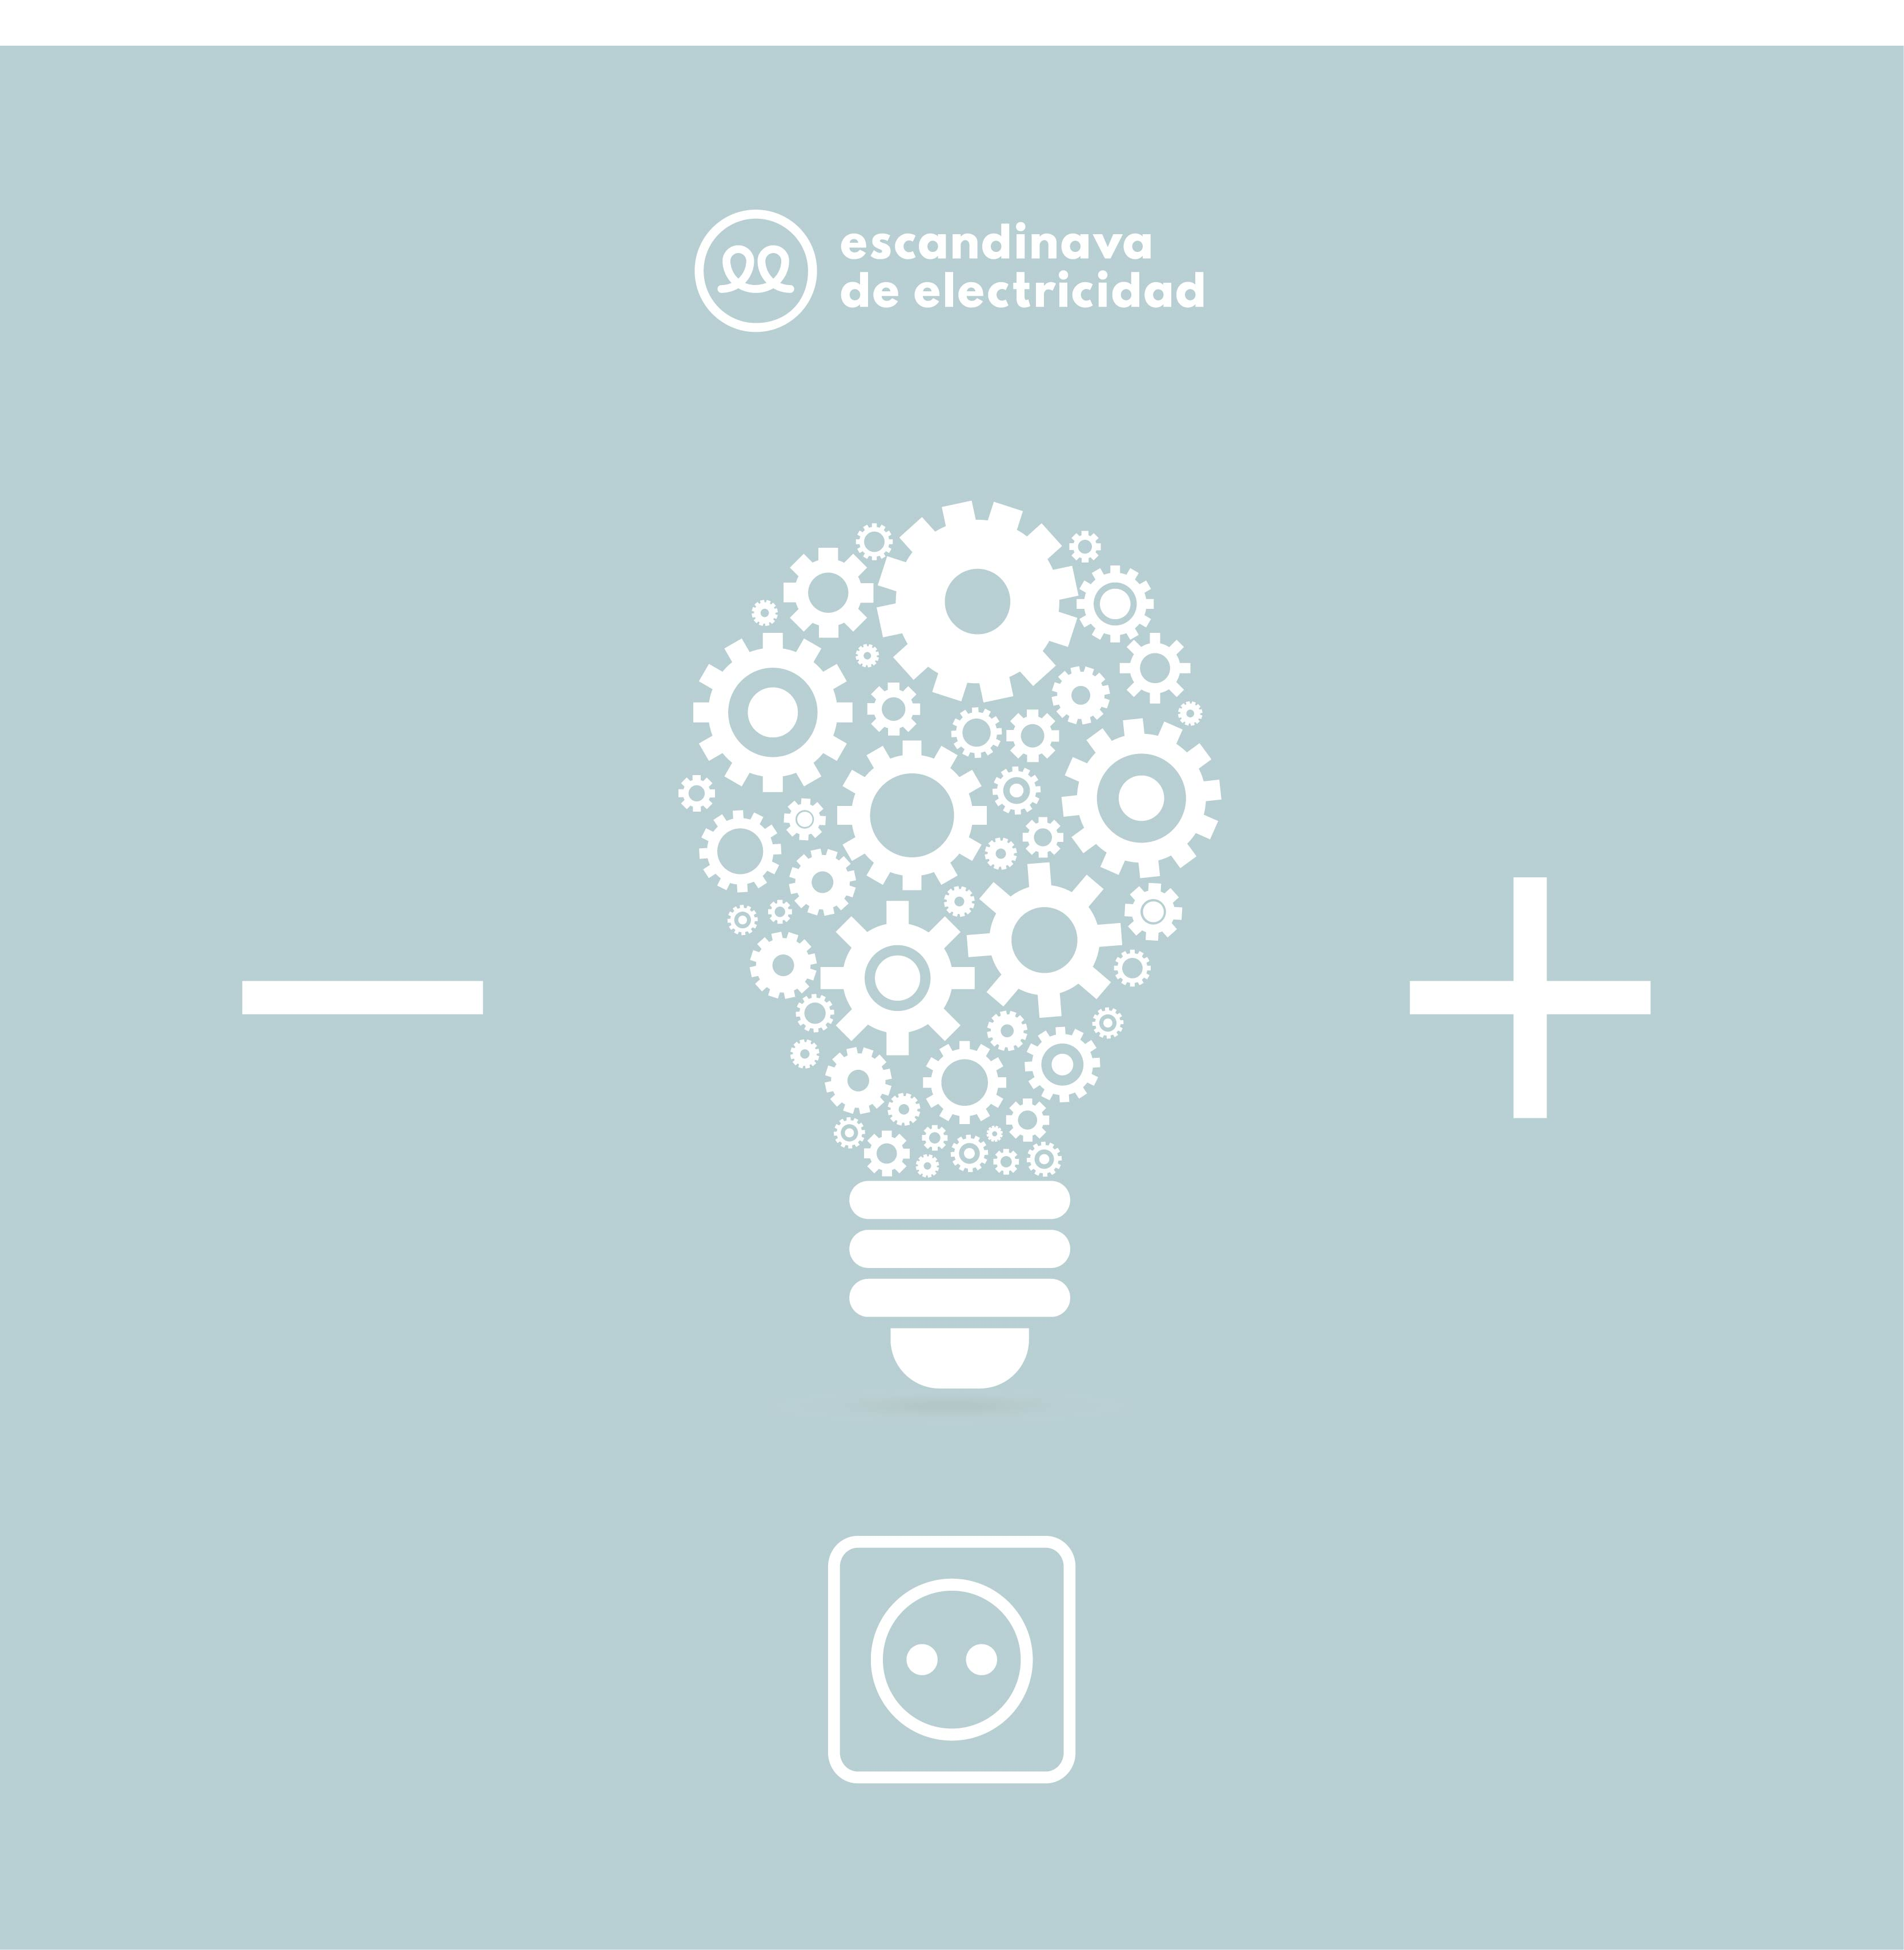 que potencia de luz contratar escandinava de electricidad